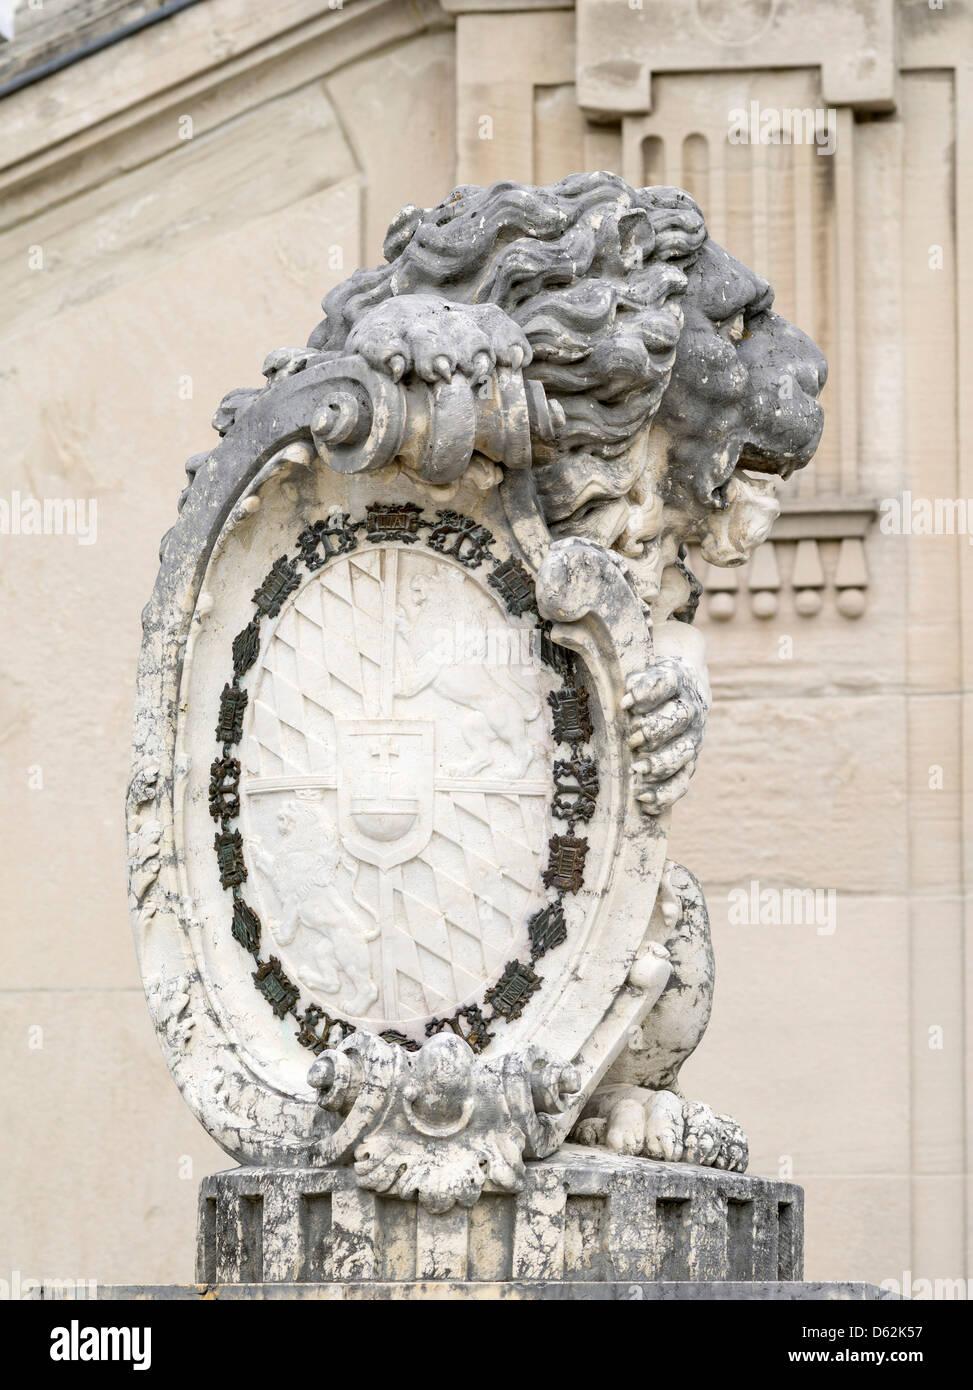 Munich, Bavaria, Germany. Nymphenburg Palace. The Bavarian Lion Gargoyle. - Stock Image